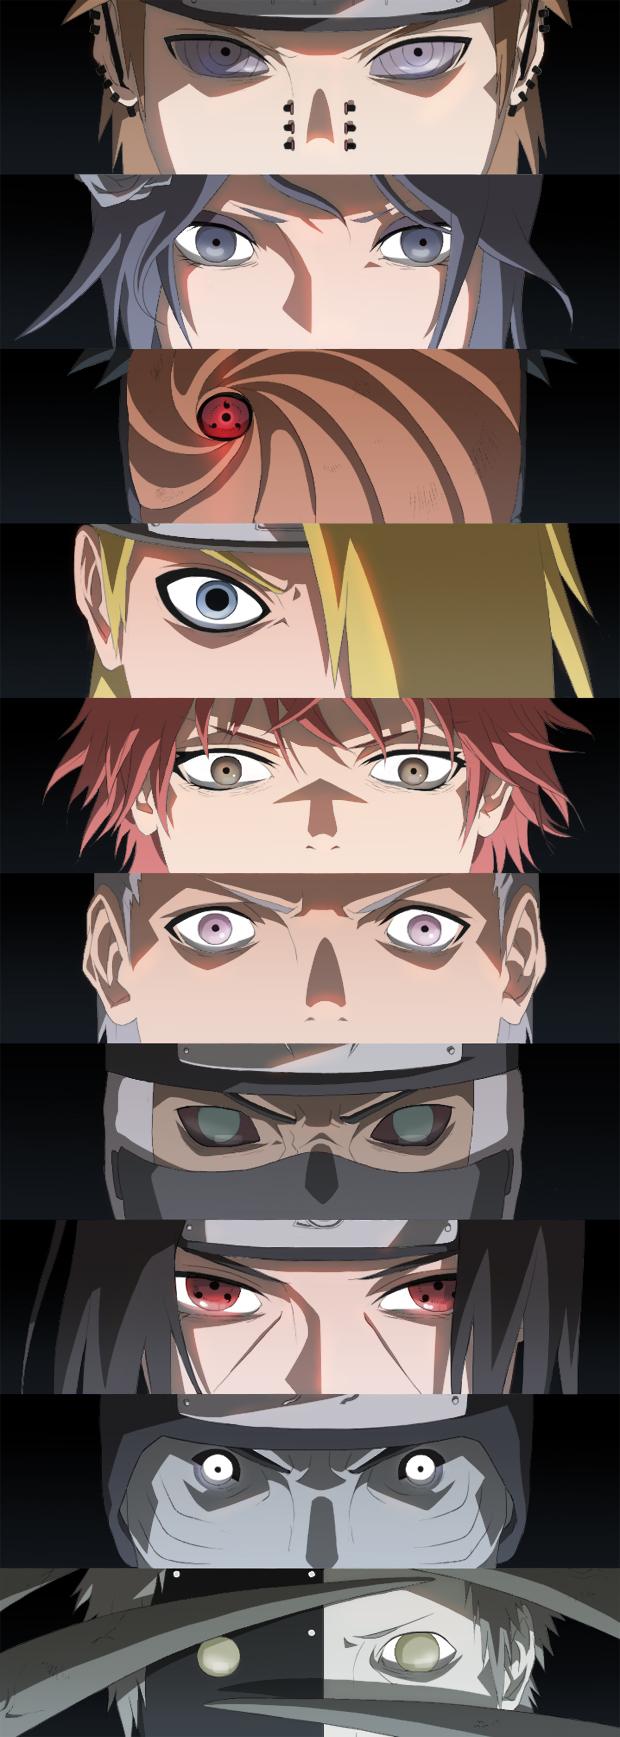 Tags: Anime, Kokitsune, NARUTO, Kakuzu, Uchiha Madara, Konan, Sasori, Pein, Uchiha Itachi, Deidara, Hoshigaki Kisame, Tobi, Zetsu